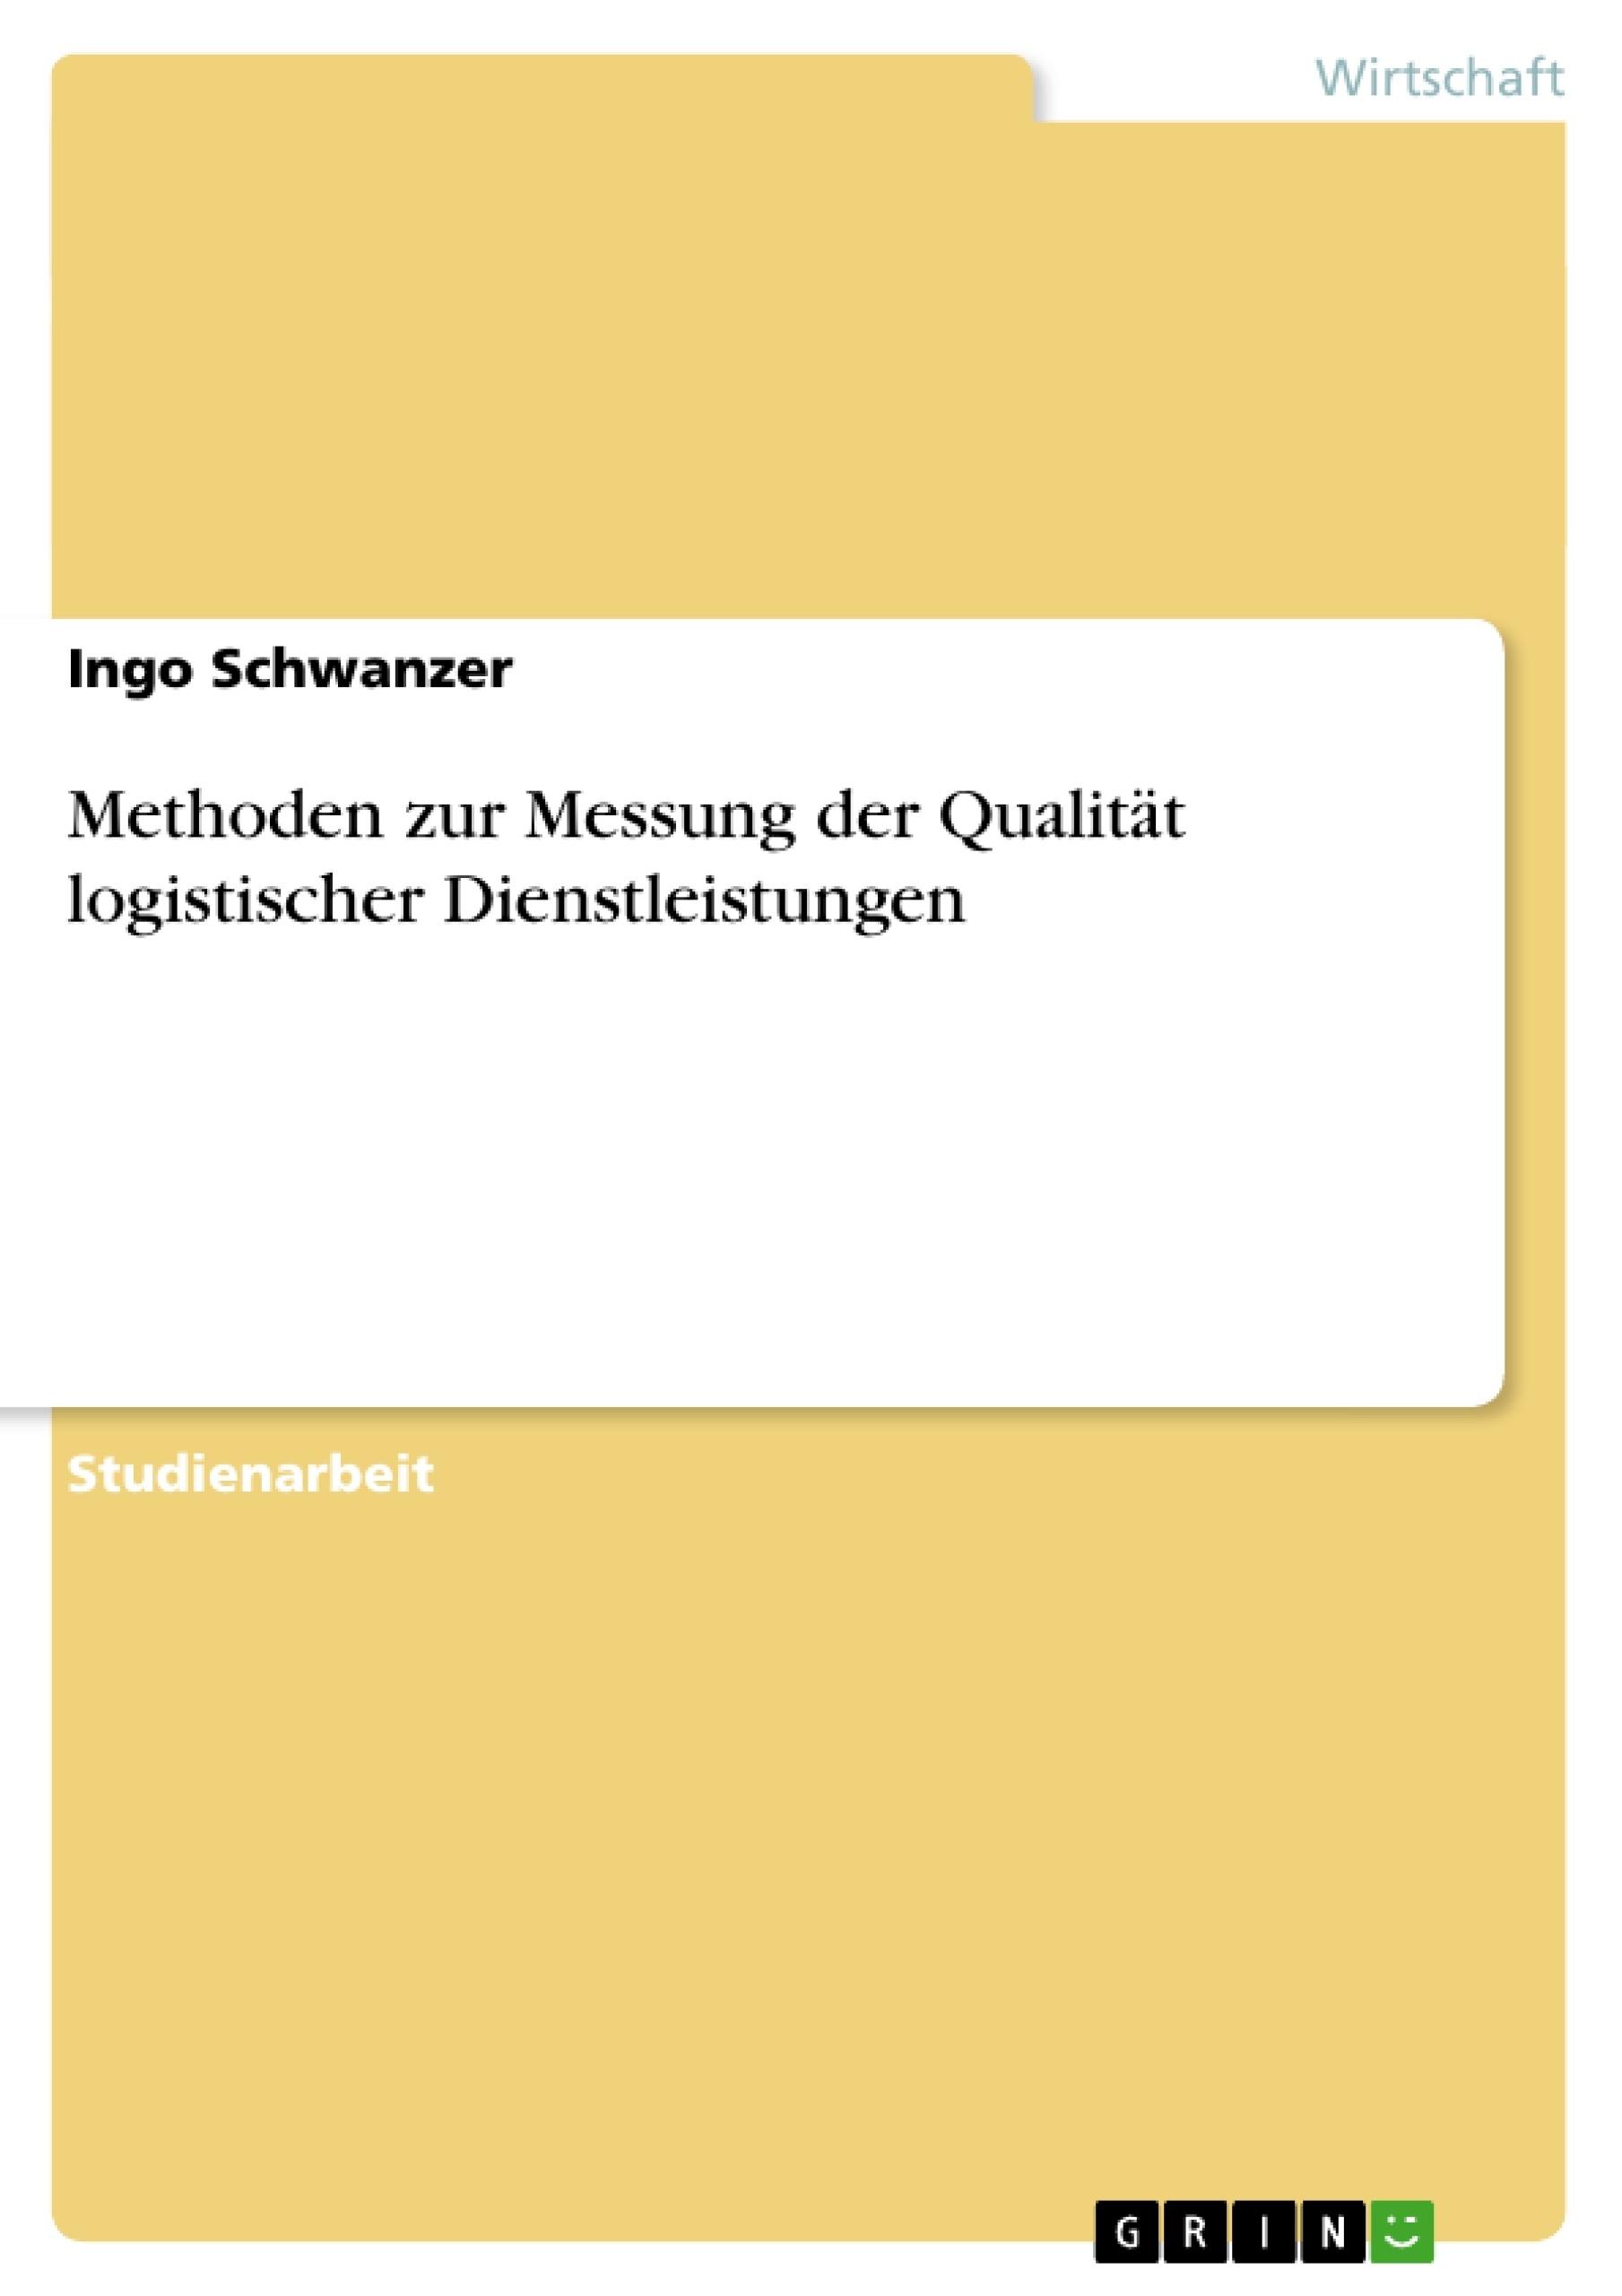 Titel: Methoden zur Messung der Qualität logistischer Dienstleistungen